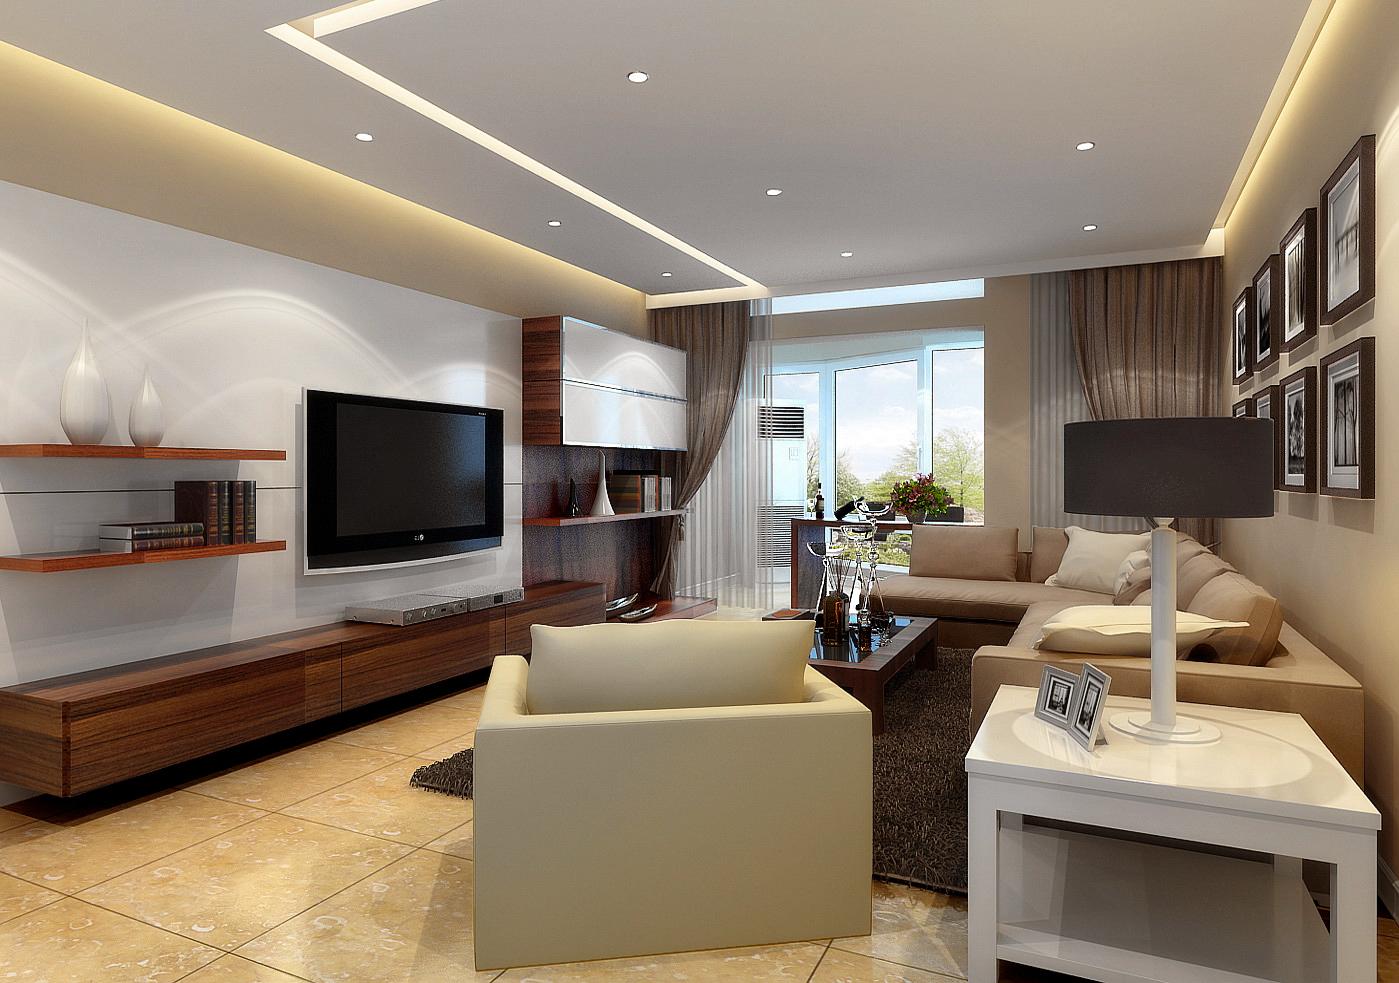 130平米北欧风格三居室,预算9万,点击看效果图!-金科王府洋房装修